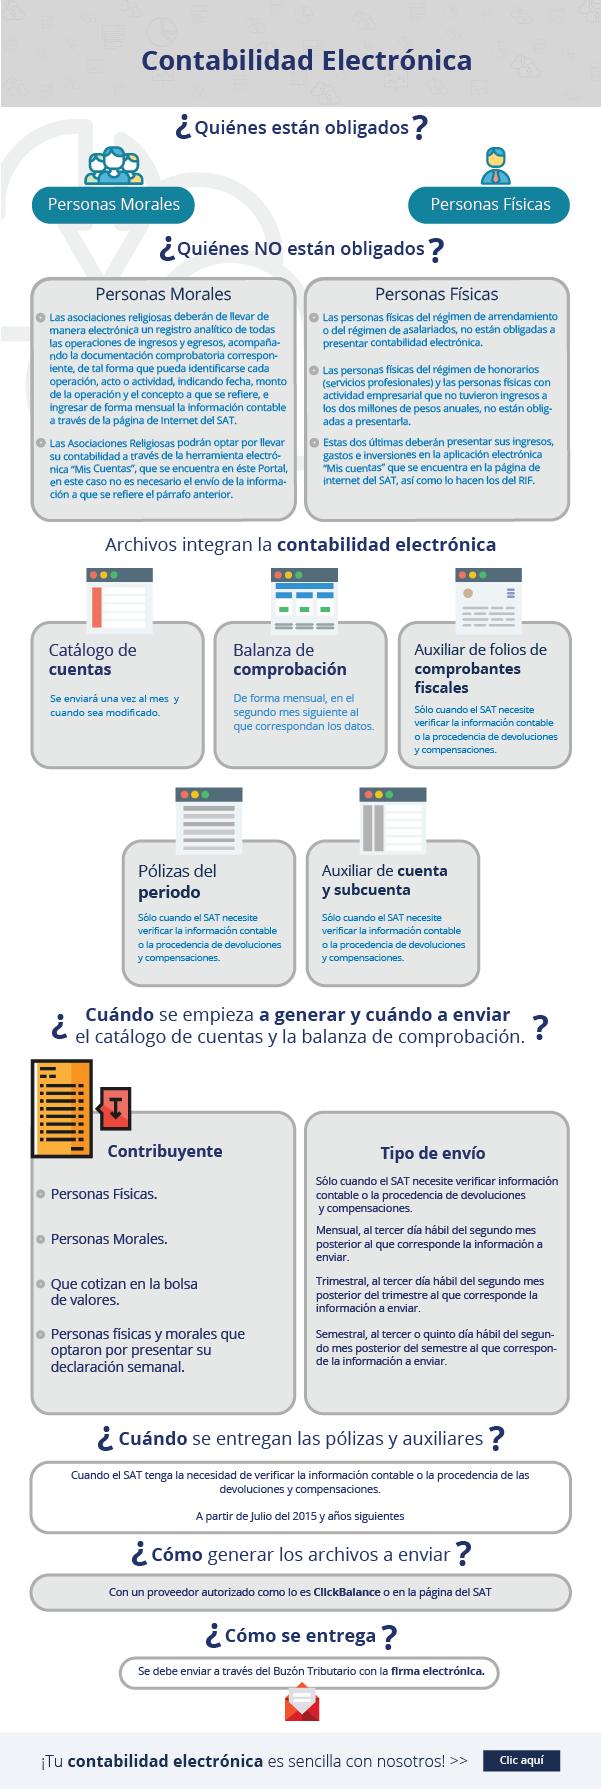 Archivos que integran la contabilidad electrónica